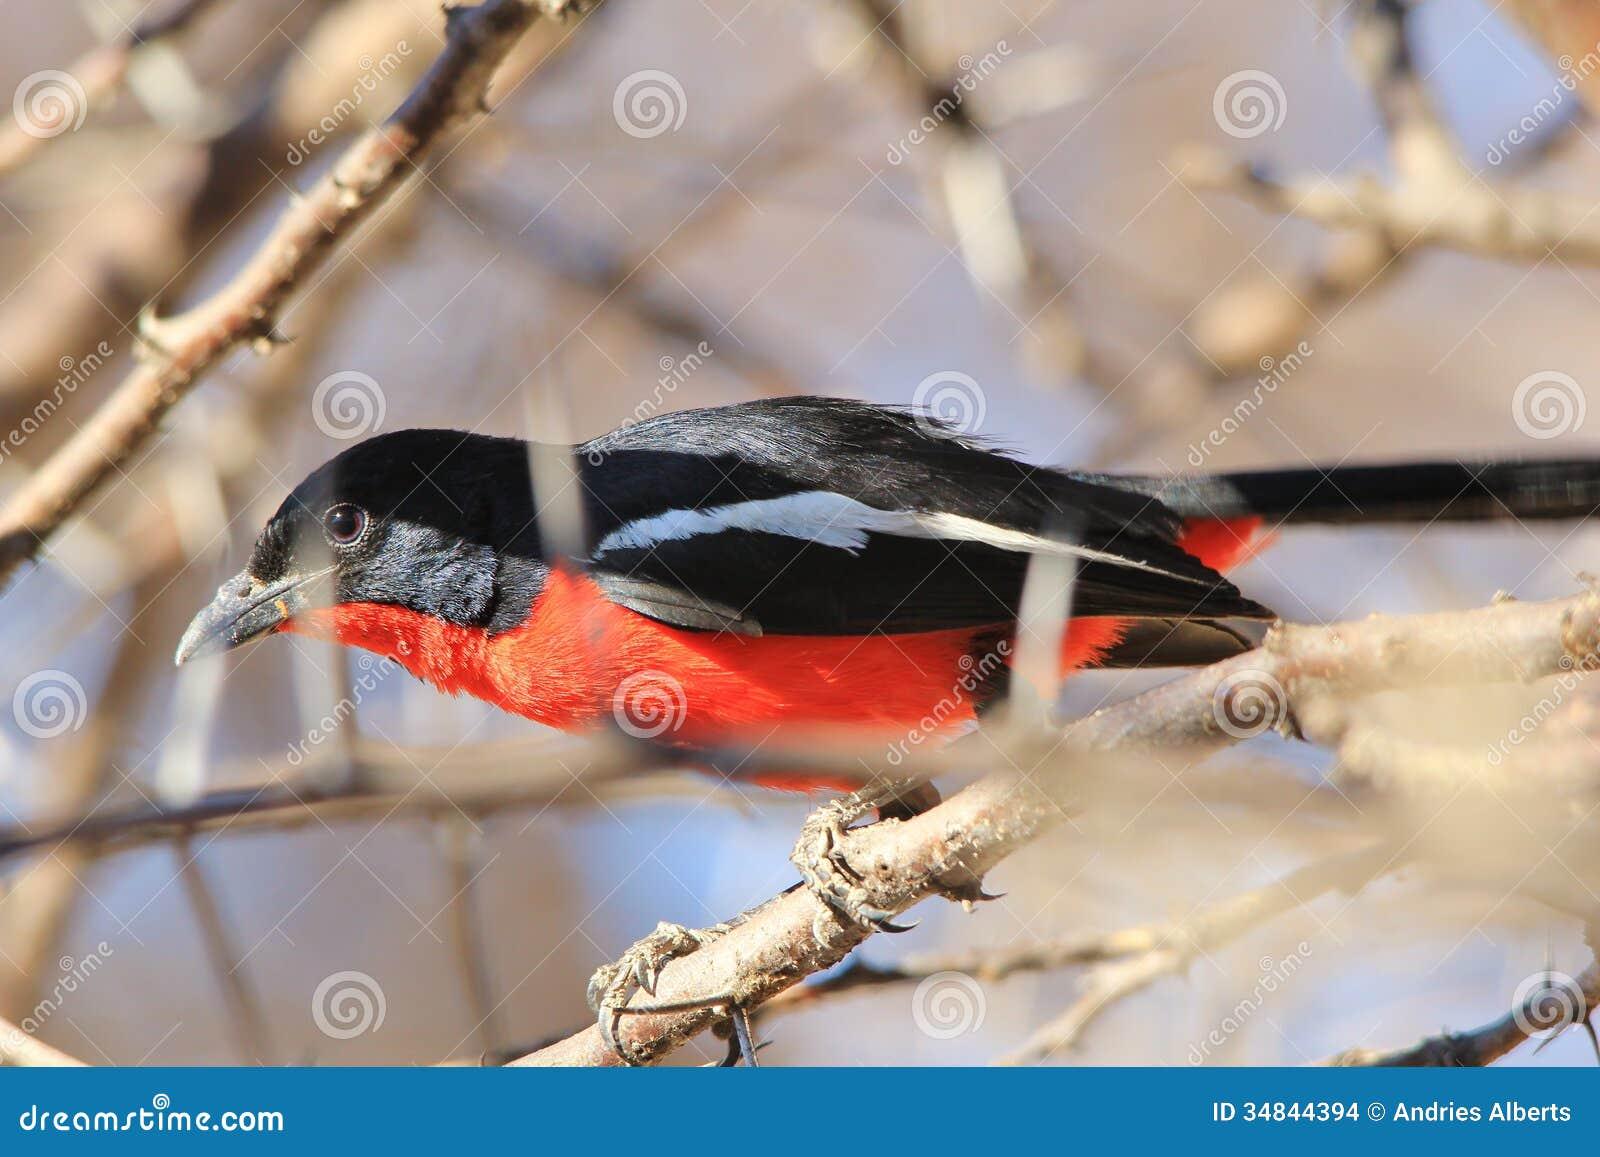 pie gri che cramoisie de breasted fond sauvage color d 39 oiseau d 39 afrique rouge curieux. Black Bedroom Furniture Sets. Home Design Ideas